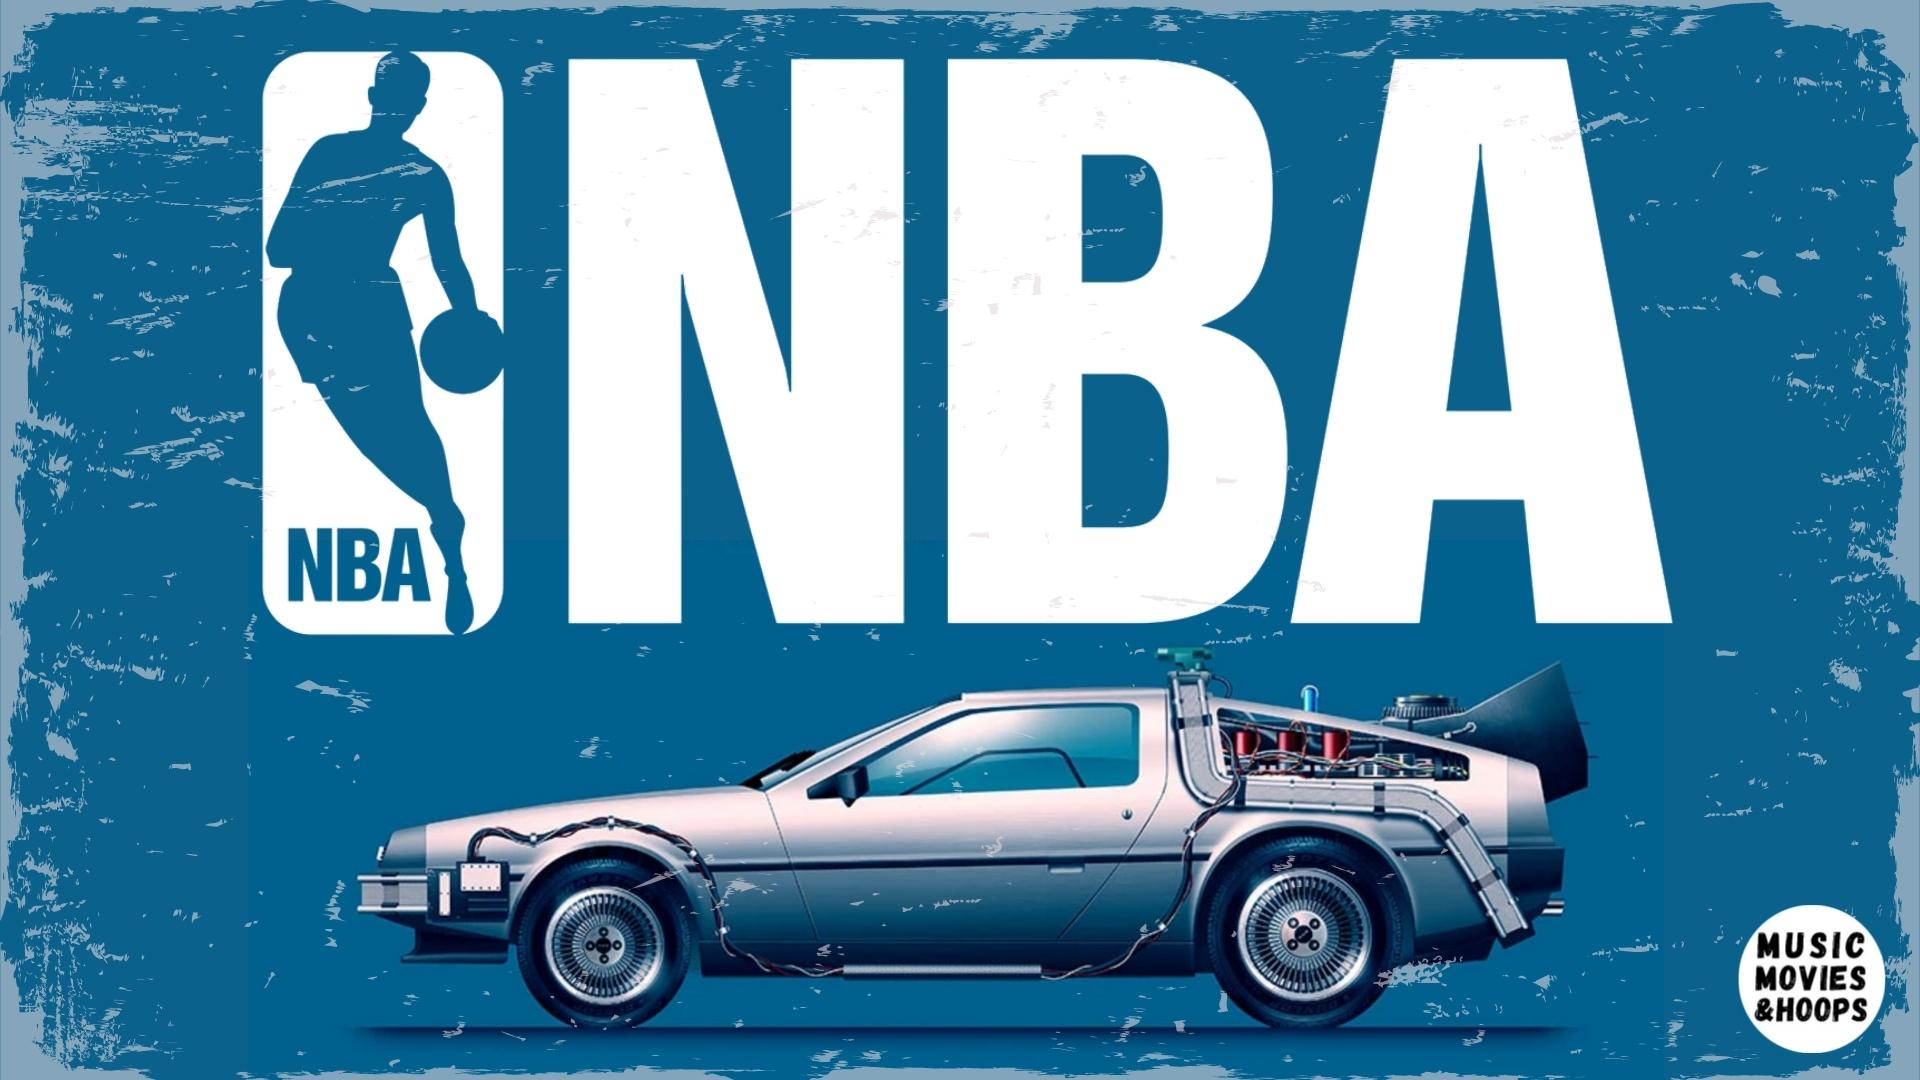 NBA Retrospective: The Future Revisited